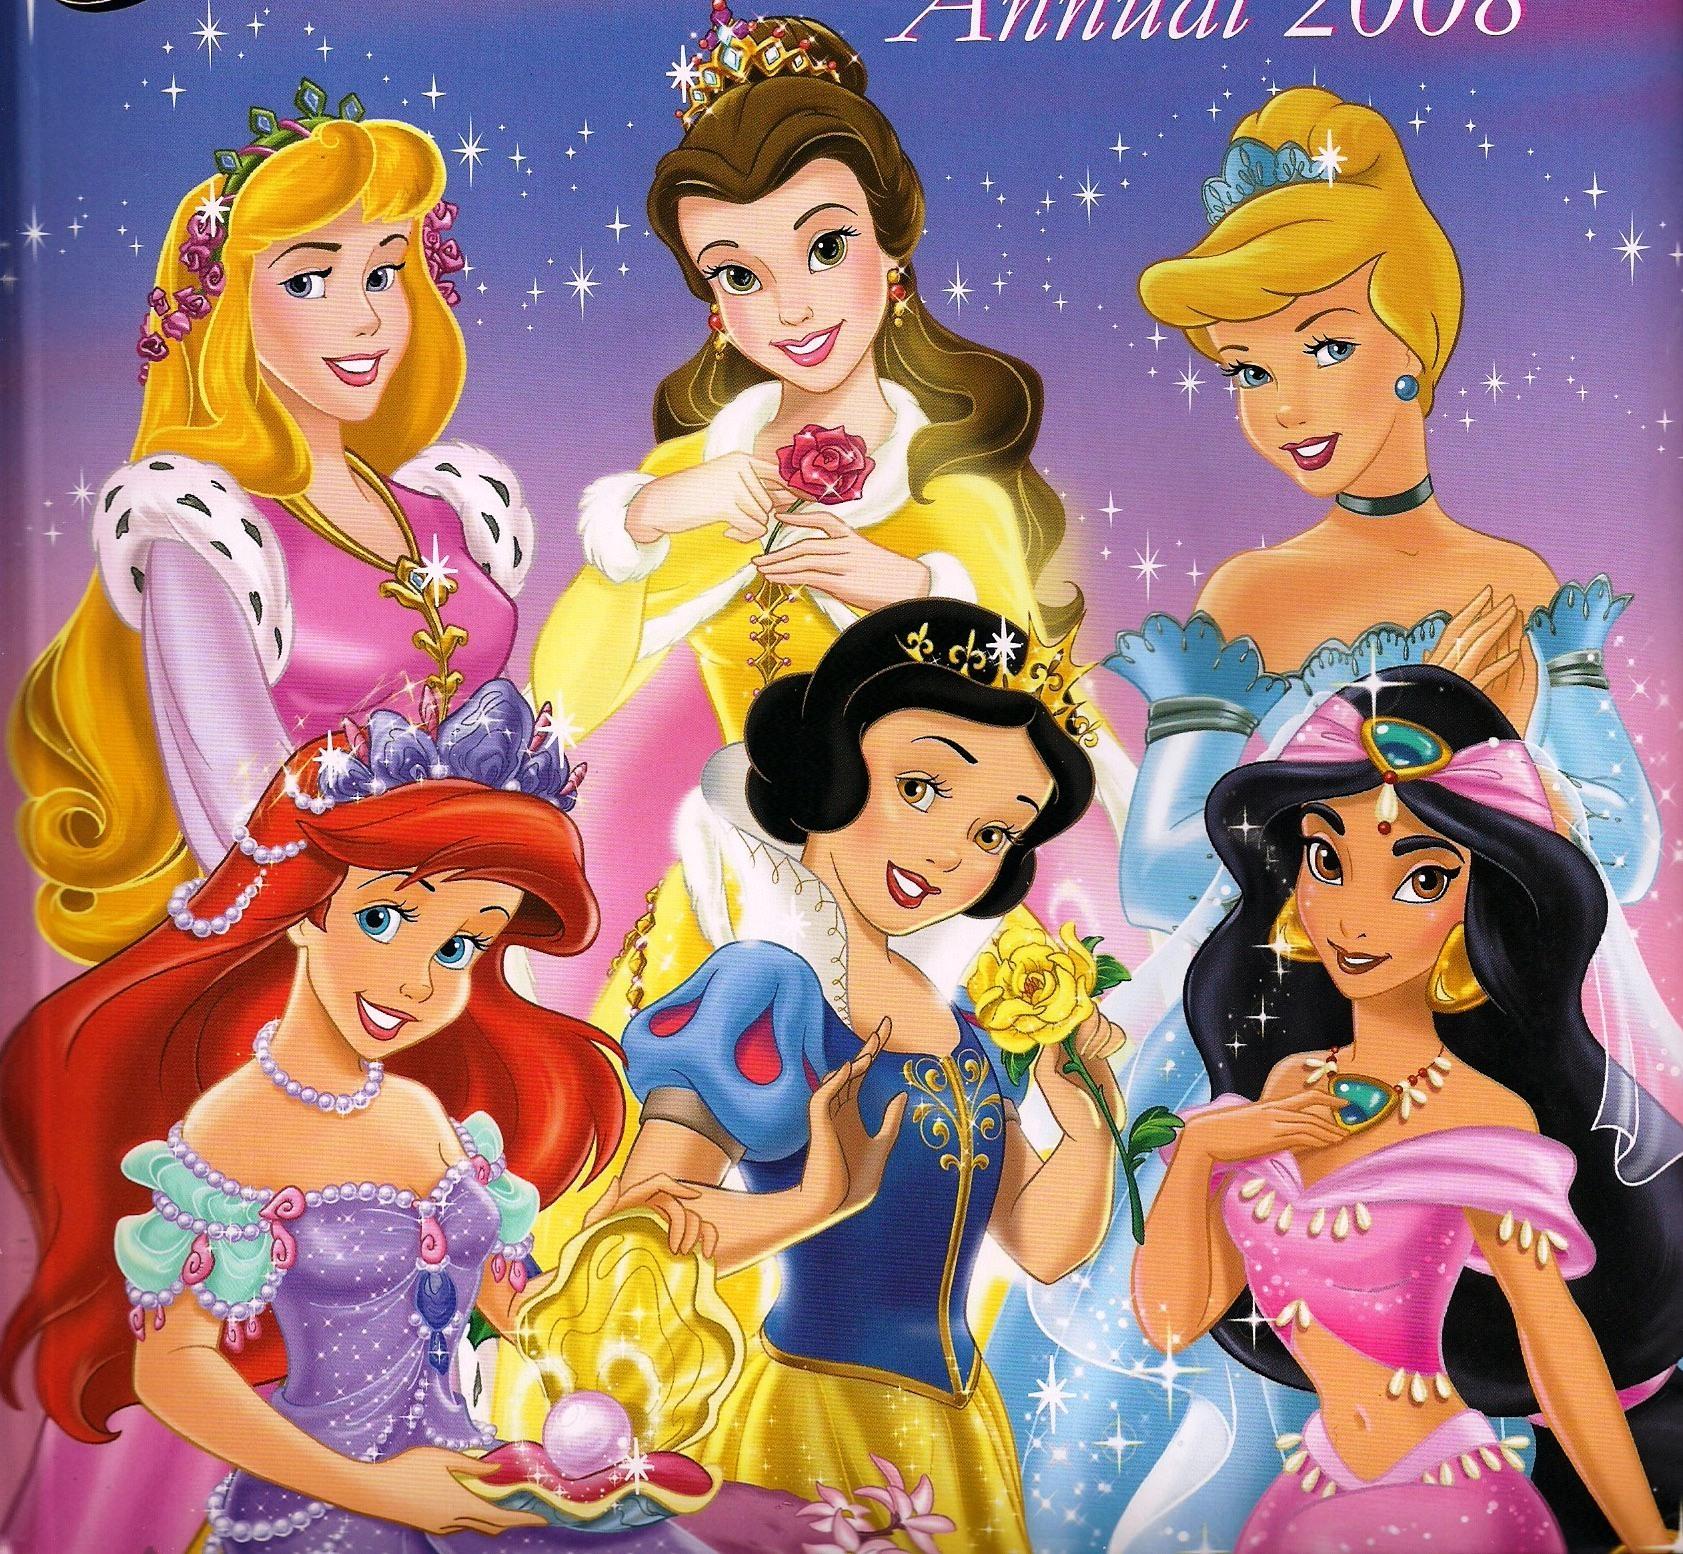 Принцесса донна смотреть онлайн 14 фотография